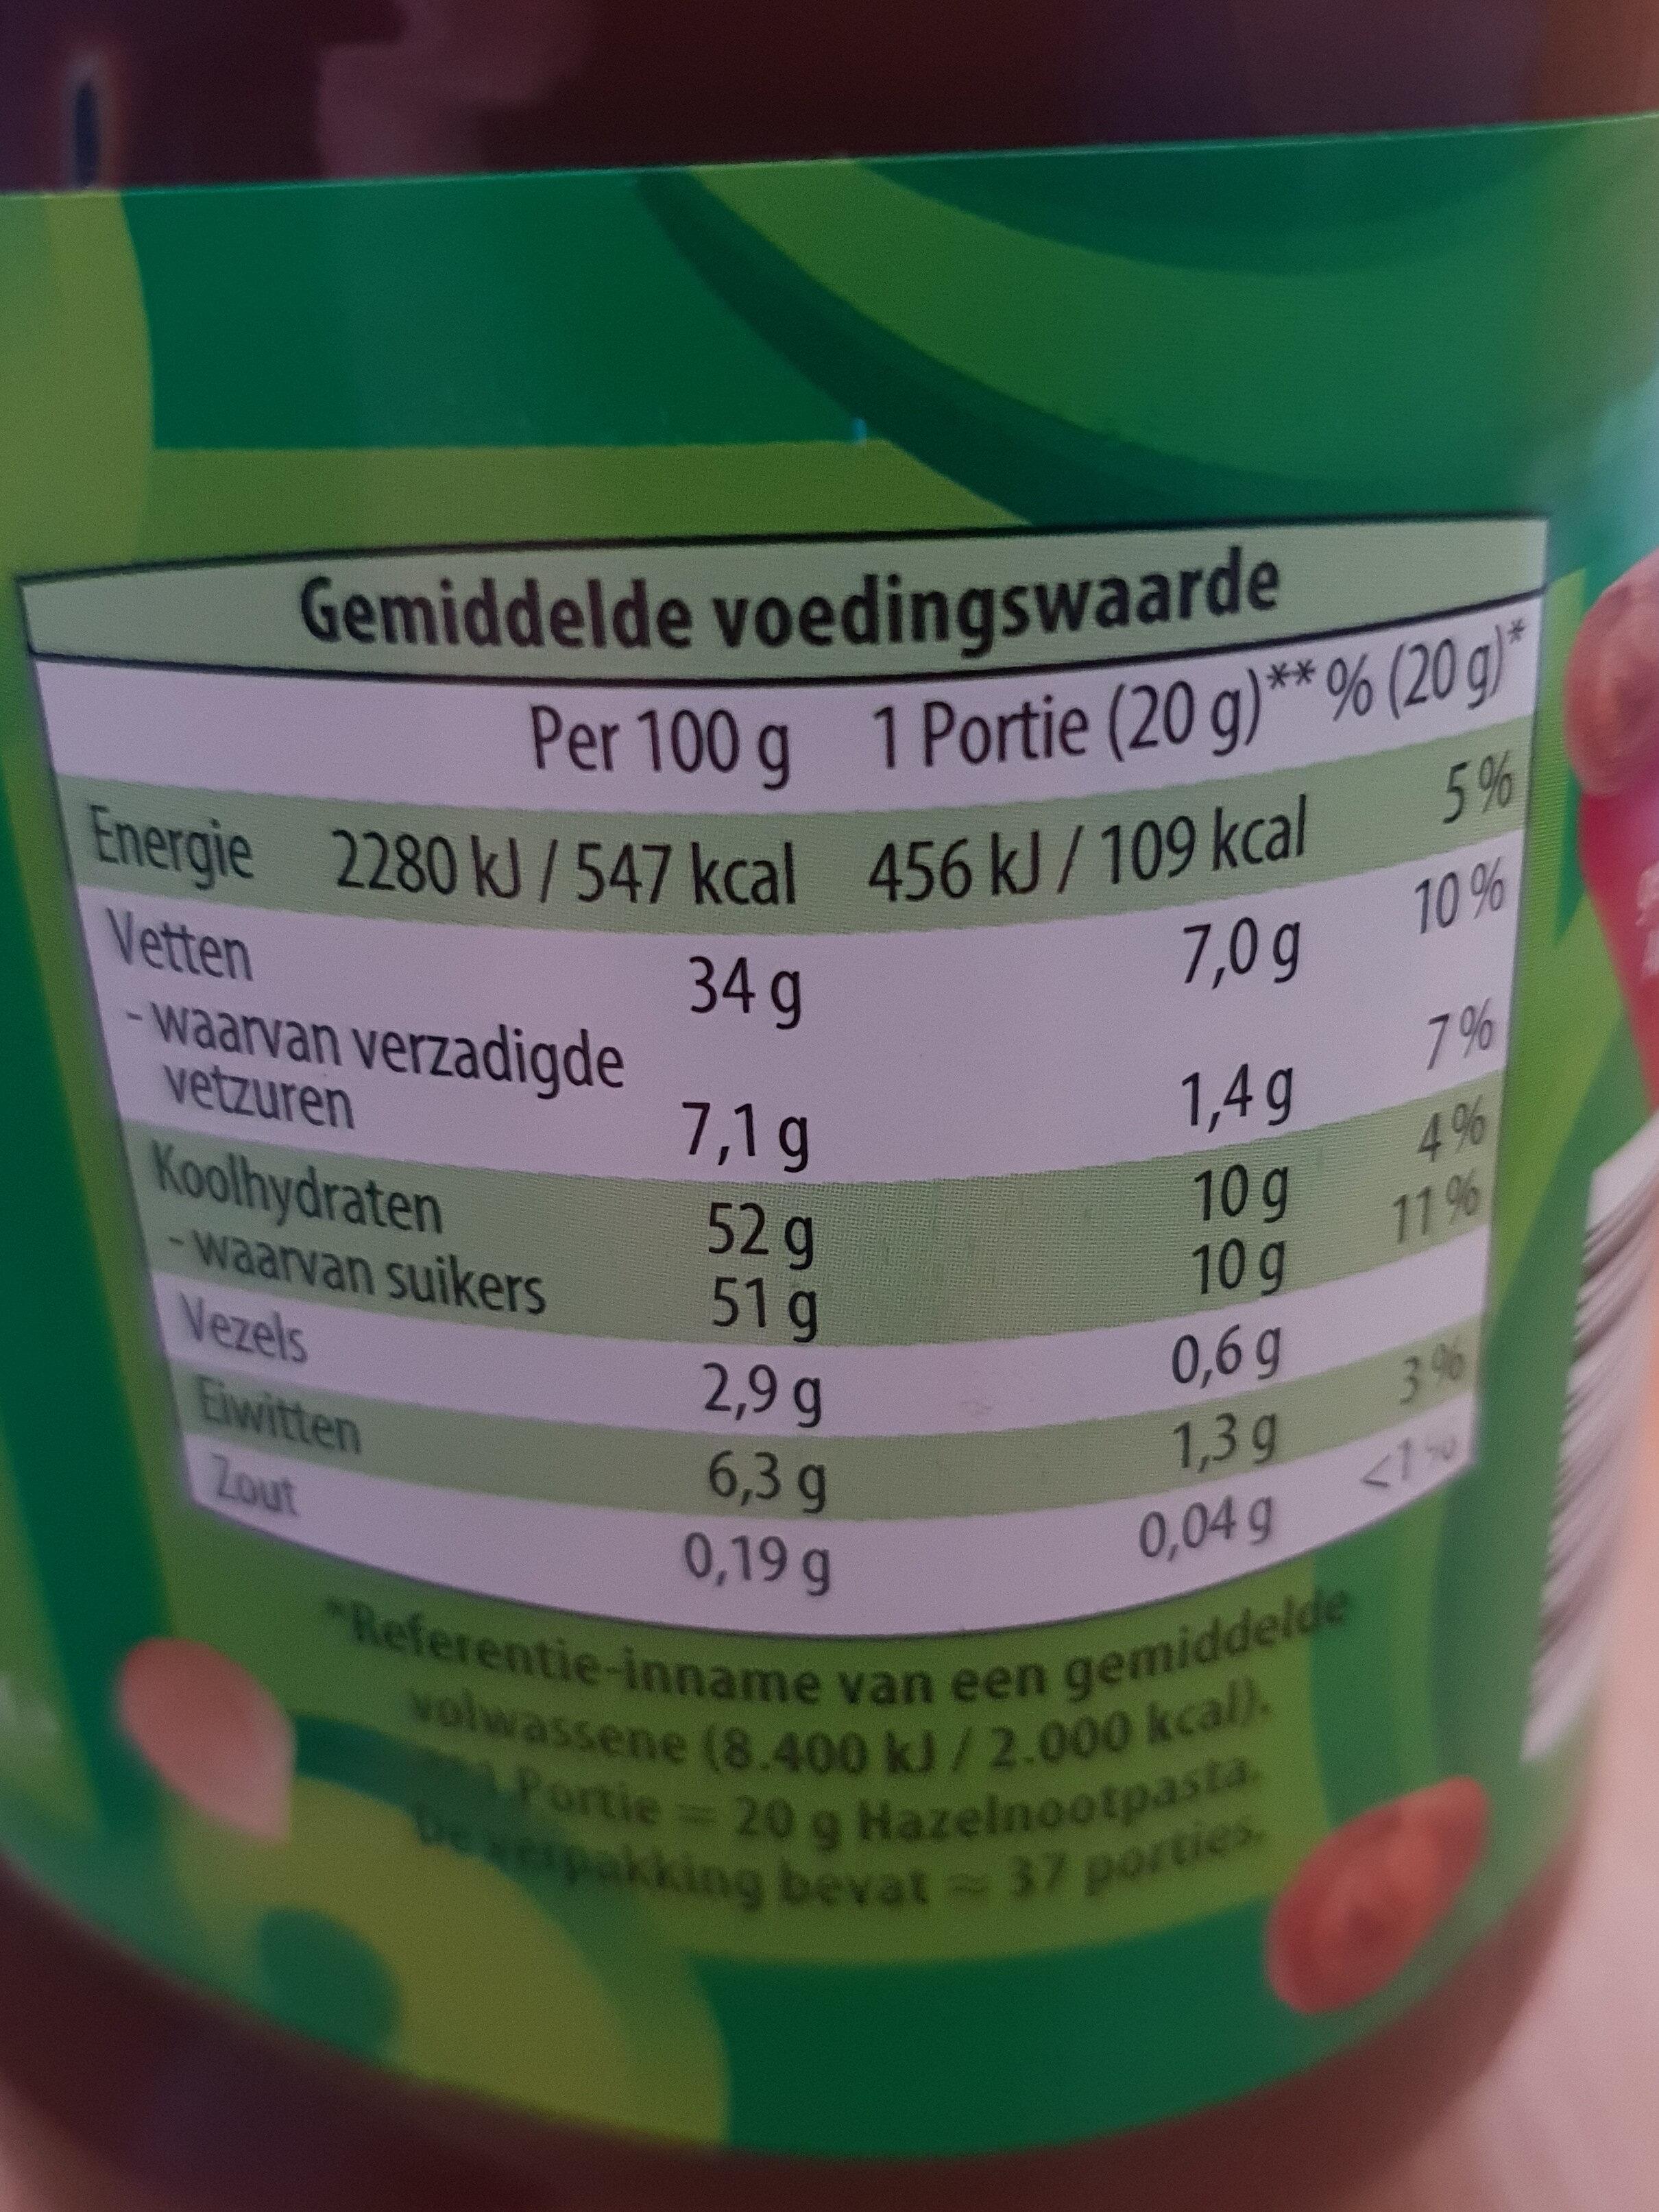 Hazelnootpasta - Voedingswaarden - nl